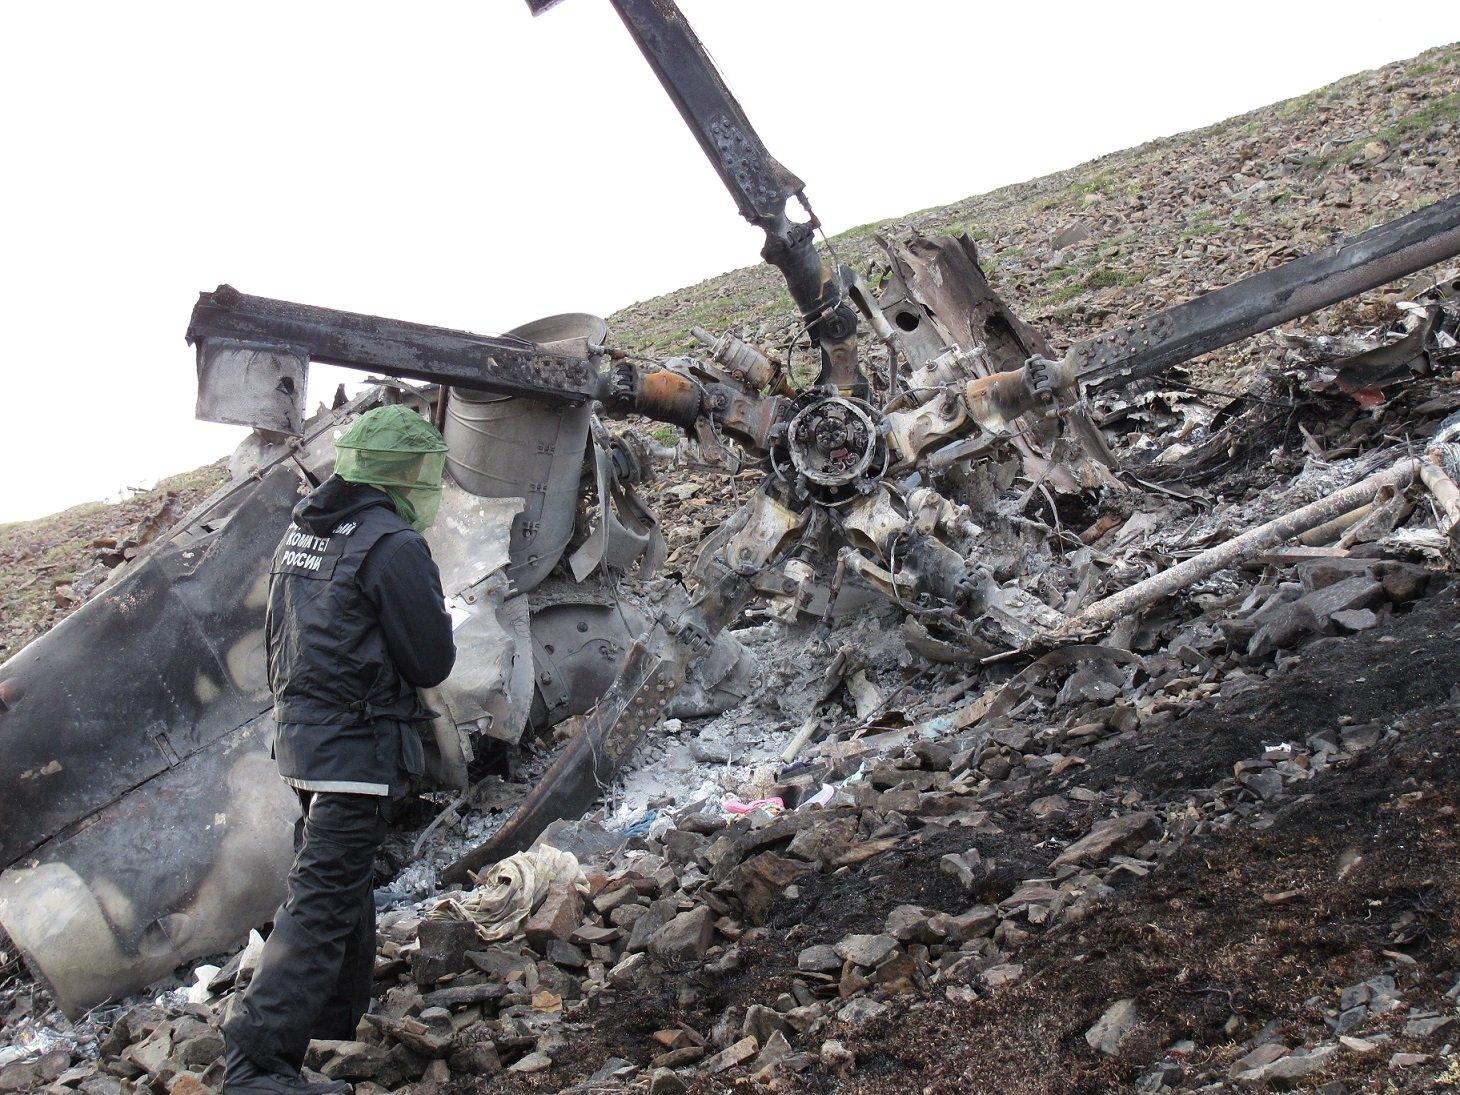 Российский военный вертолет Ми-8 сгорел после жесткой посадки на Сахалине - Цензор.НЕТ 9048